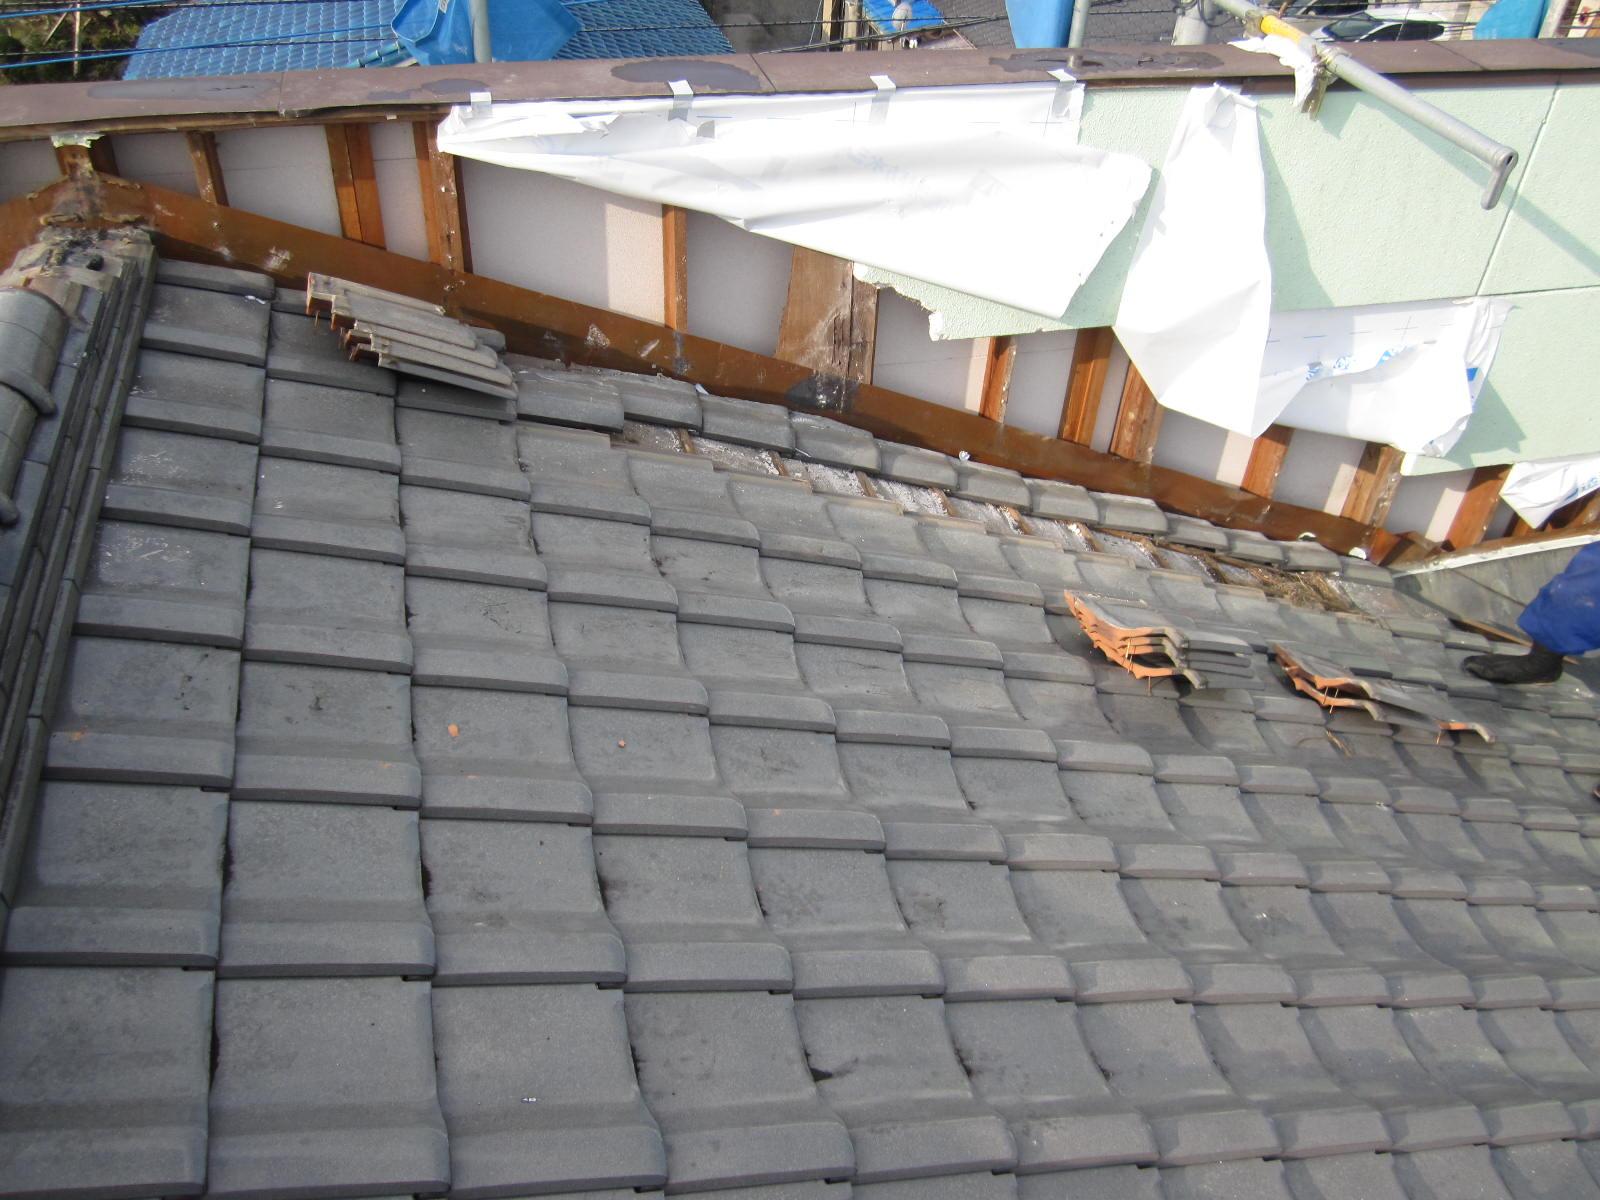 屋根雨漏れ修理!壁取り合い部修繕! inさくら市